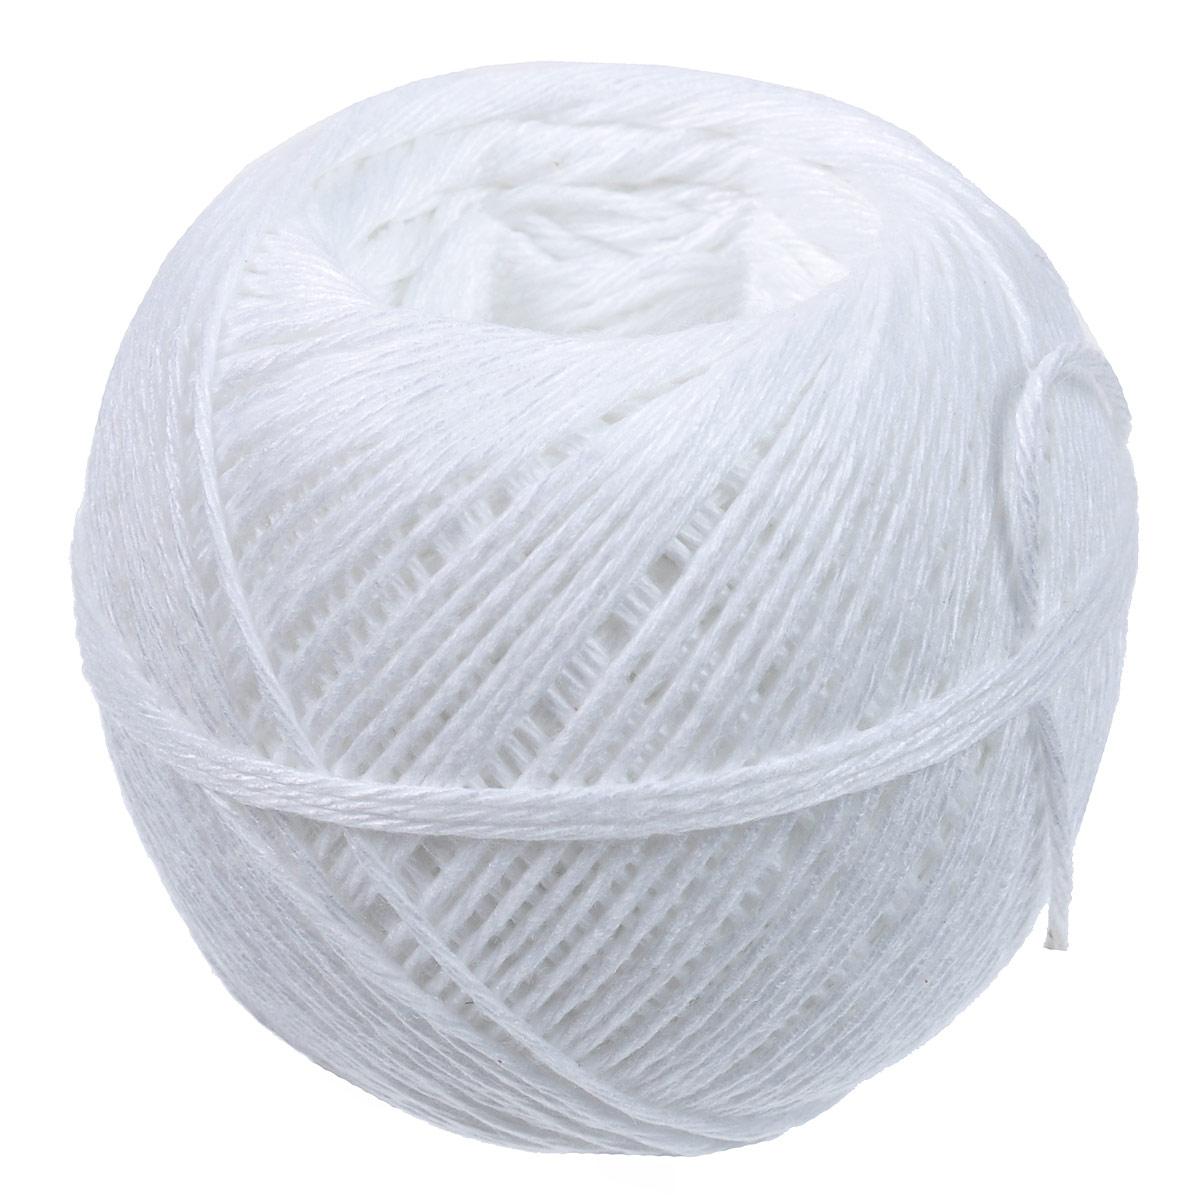 Пищевая нить Gefu, цвет: белый, 100 м12895Пищевая нить Gefu, изготовленная из высококачественного хлопка, применяется для приготовления мясных рулетов, дичи и других блюд. Ее удобно использовать вместе с диспенсером для пищевой нити. Длина нити: 100 м. Размер клубка: 6 х 5,5 х 5 см. Максимальная температура использования нити: 175 С.